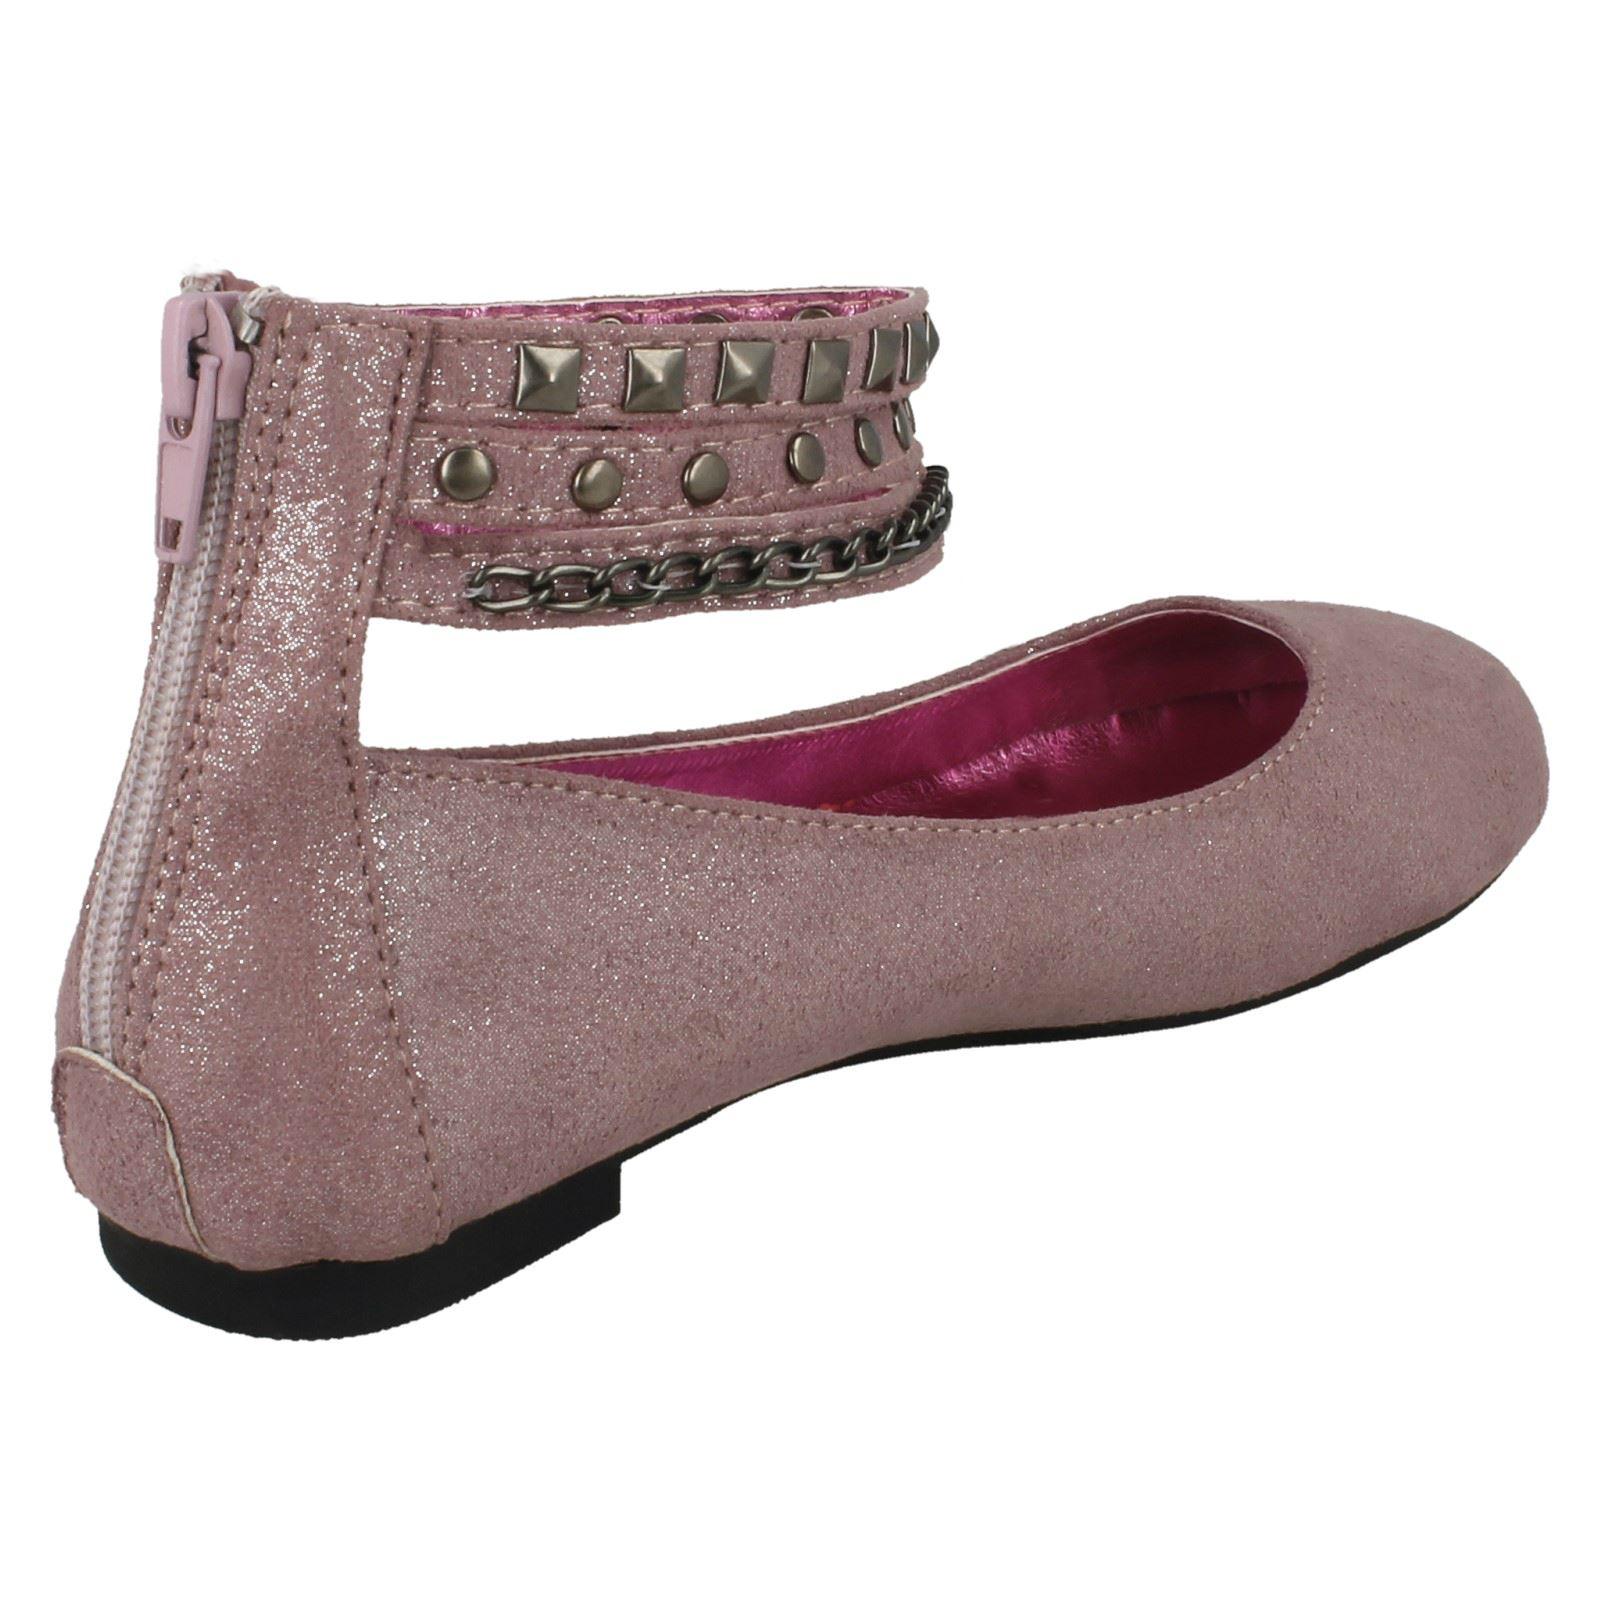 Girls Cutie Flat Ballerina Shoes